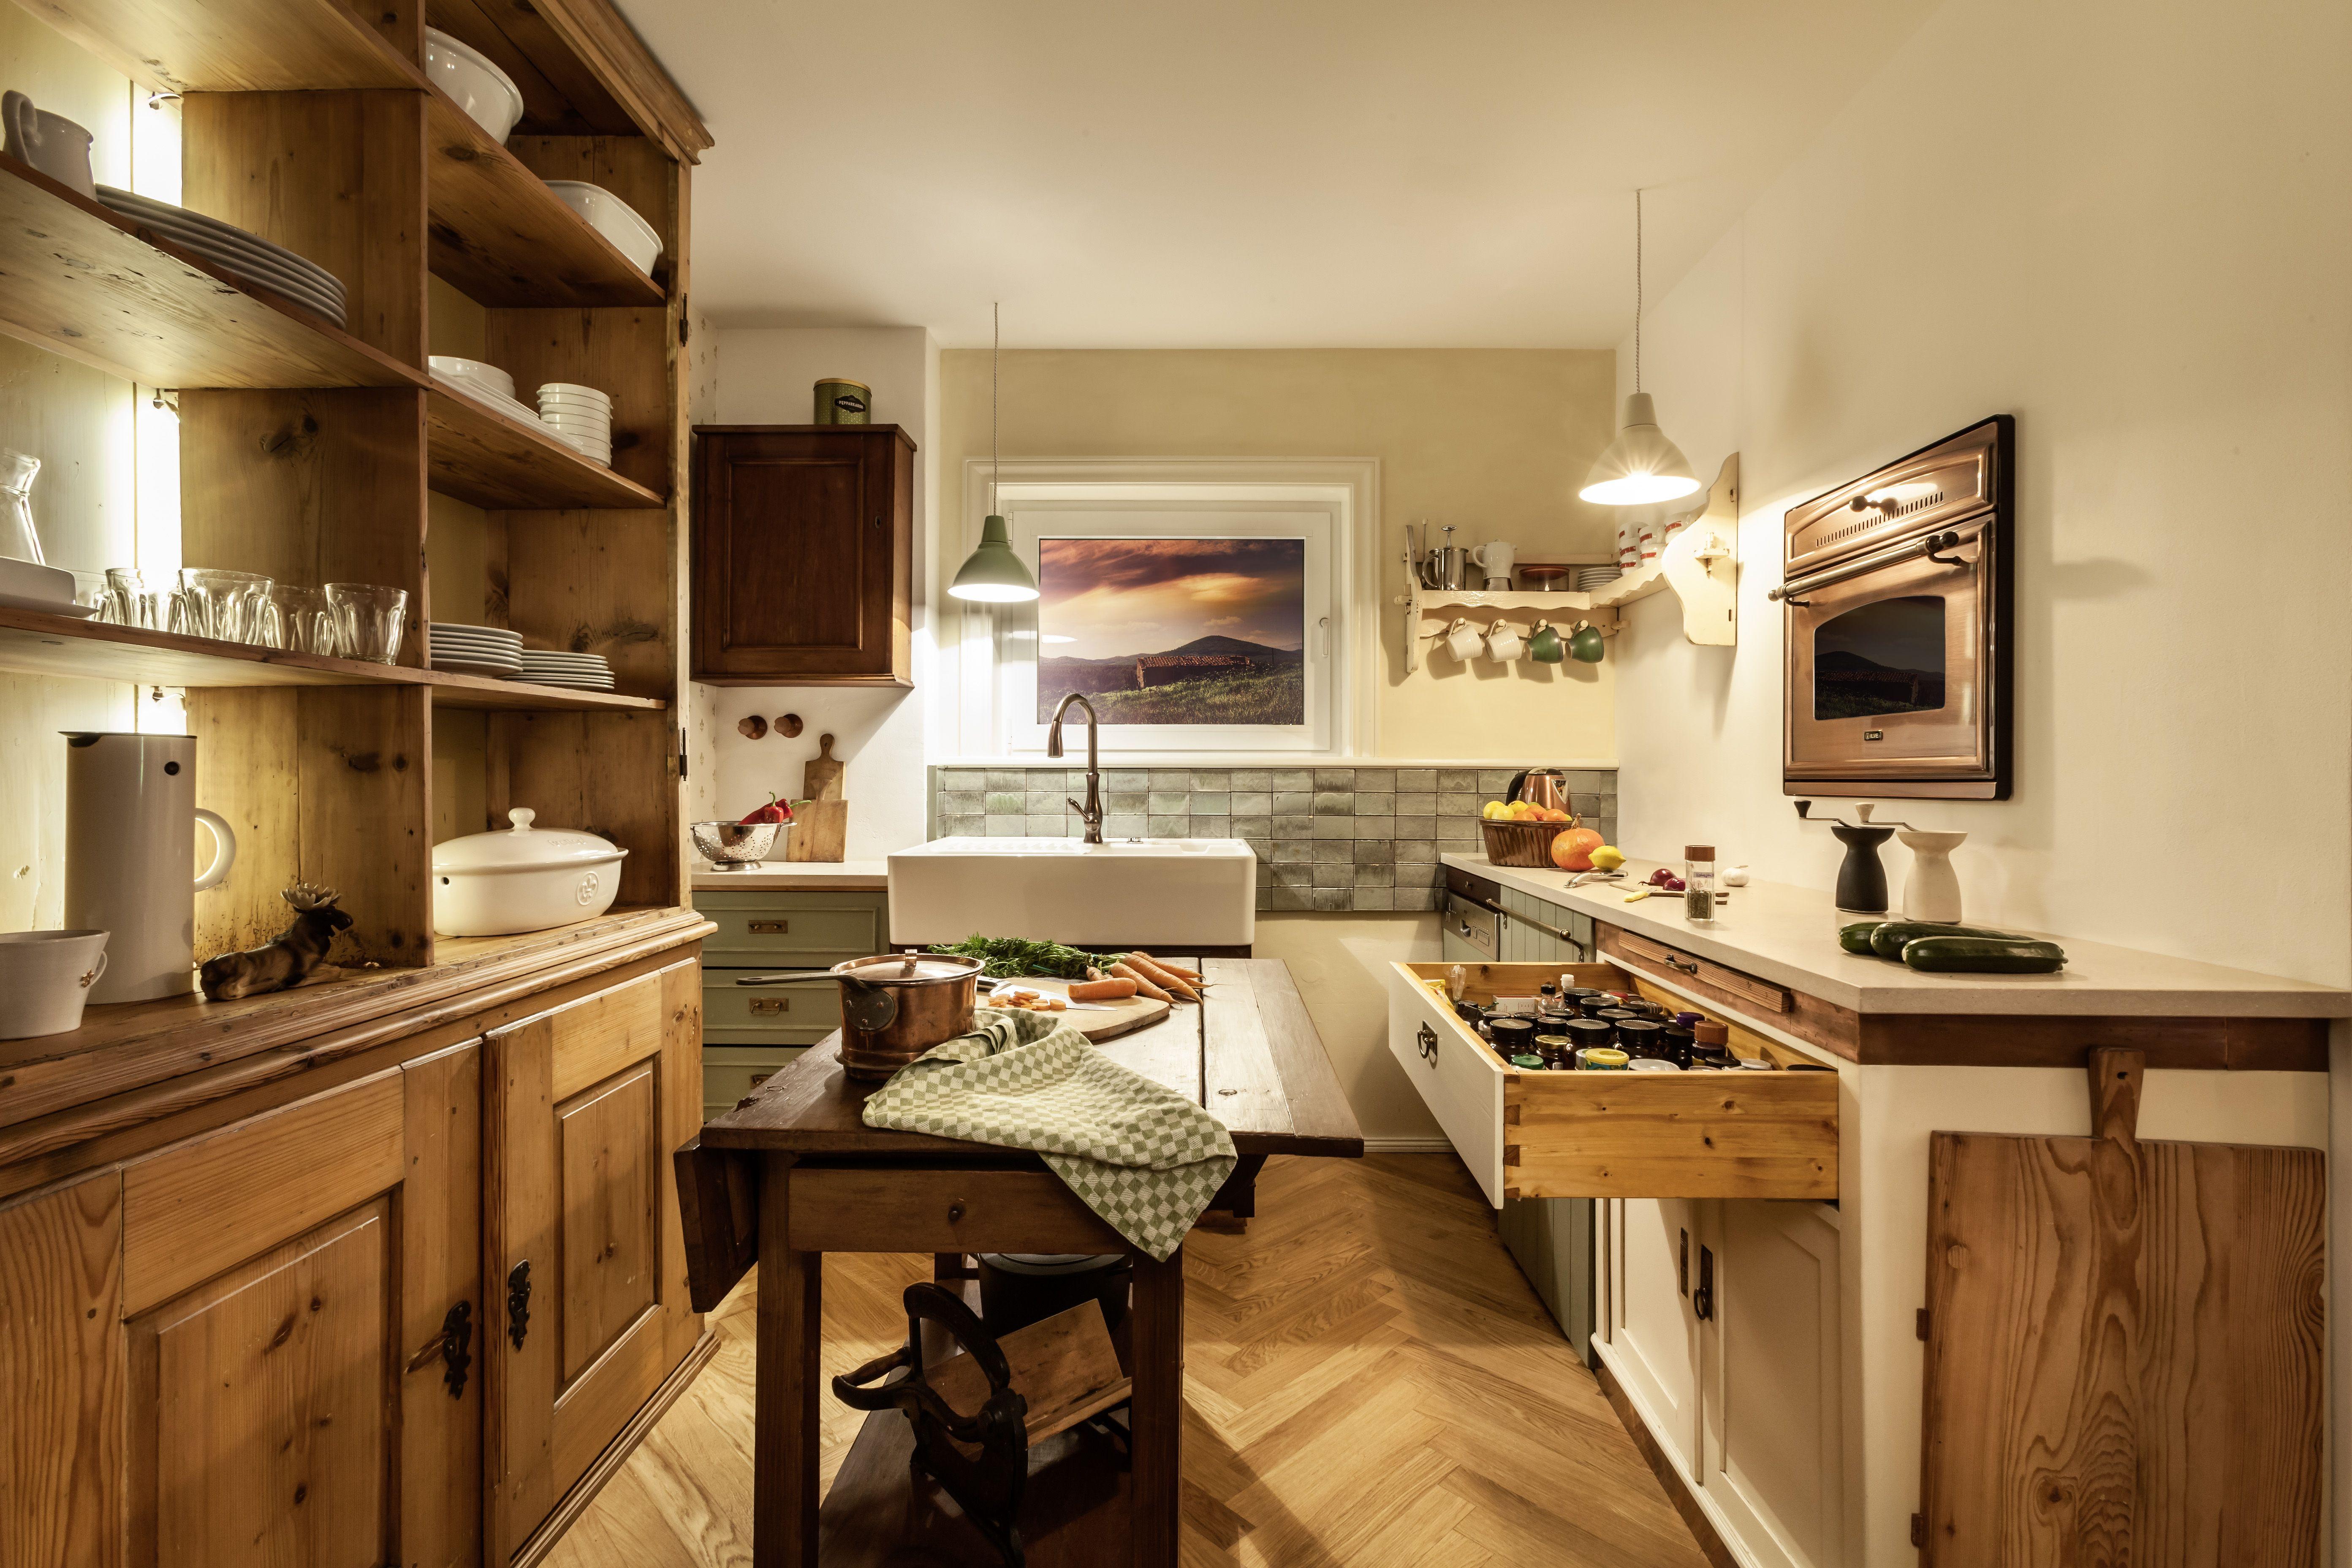 Groß Crate And Barrel Küche Ideen - Küche Set Ideen - deriherusweets ...